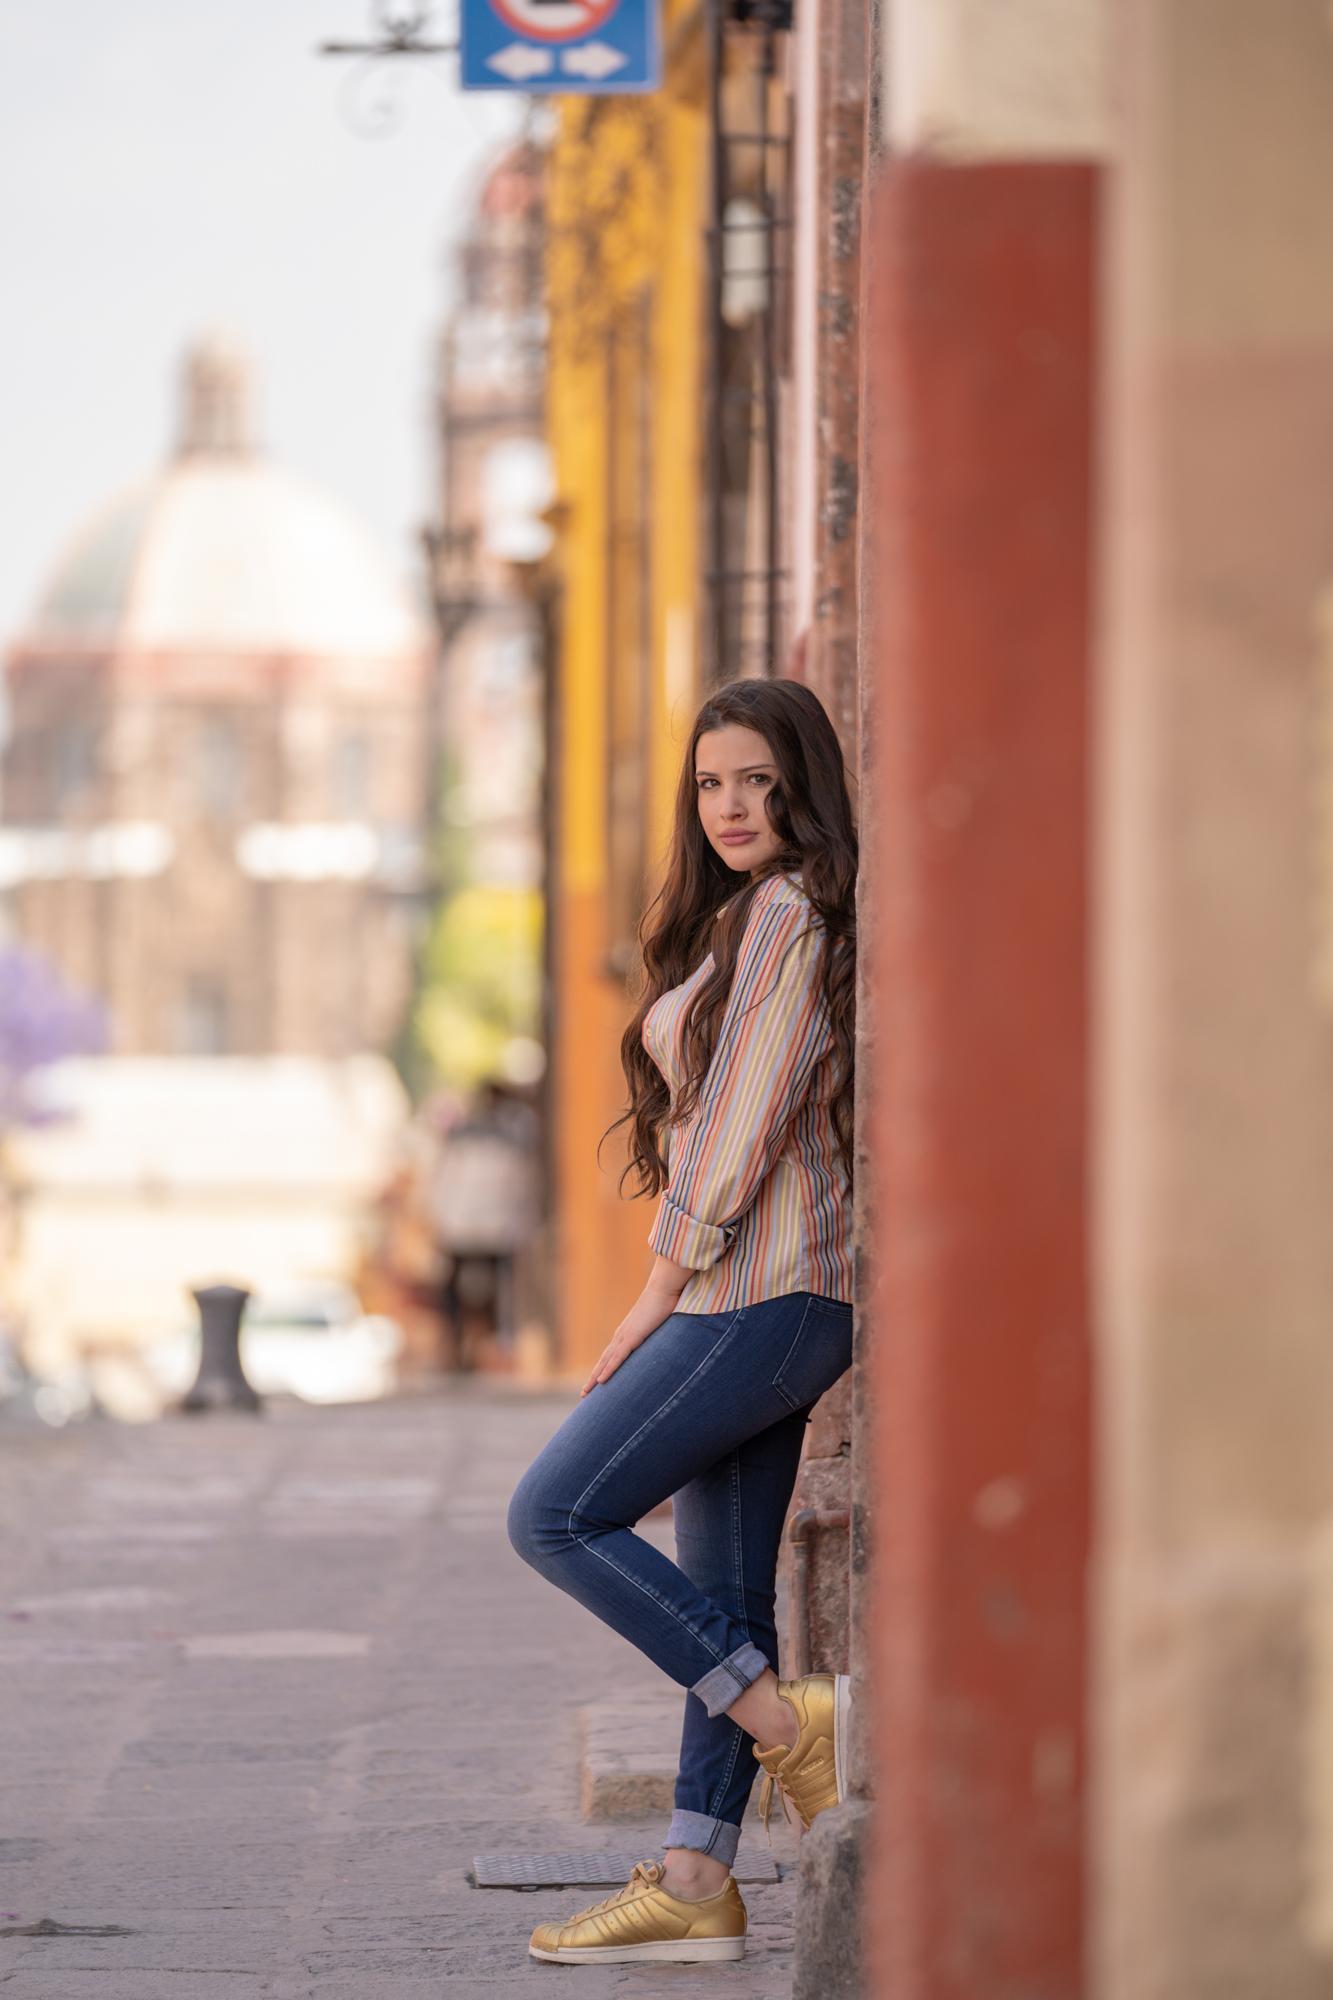 Sesion de Fotos en San Miguel de Allende con Rogelio y su Fmailia-27.jpg